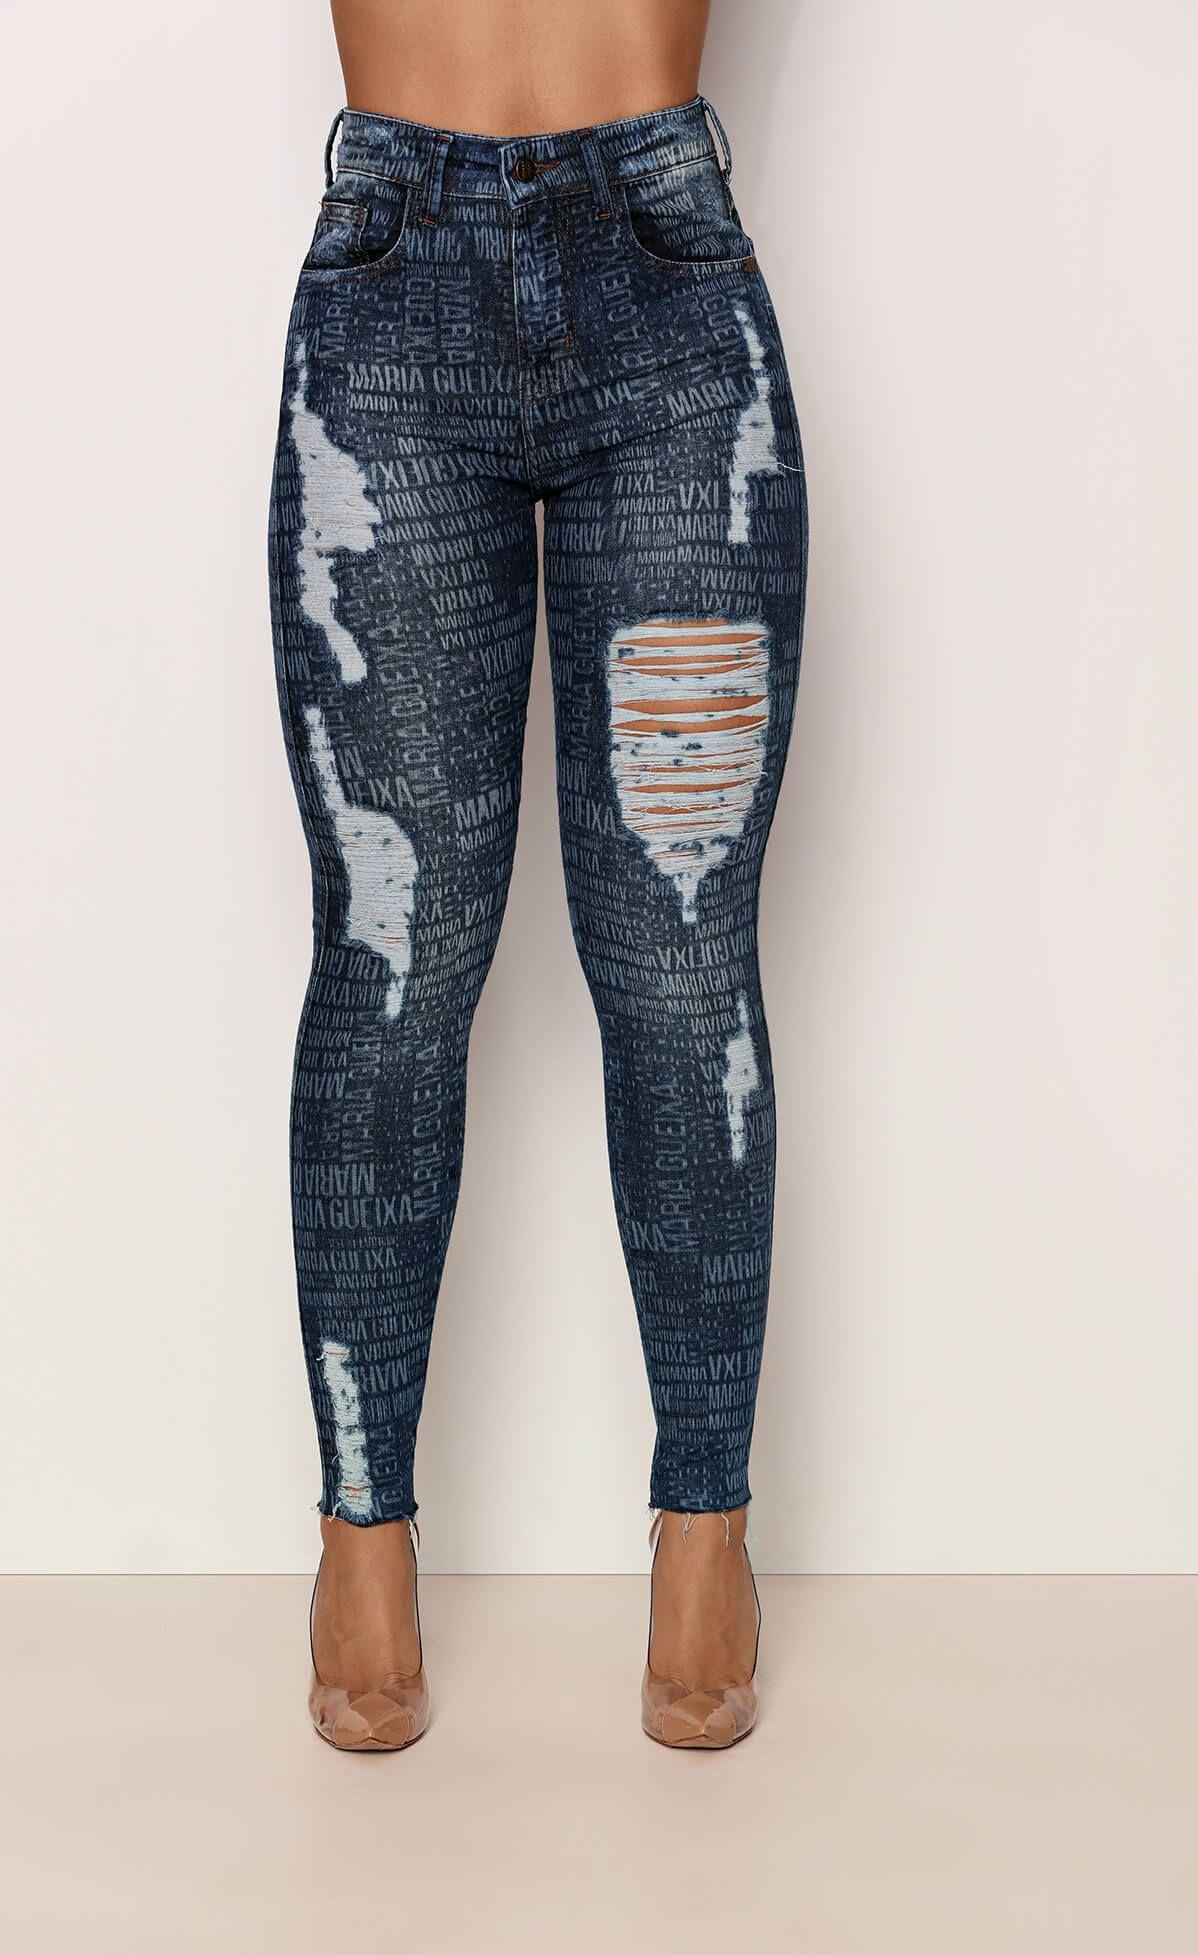 Calça Jeans Logomania Blue Maria Gueixa Jeans